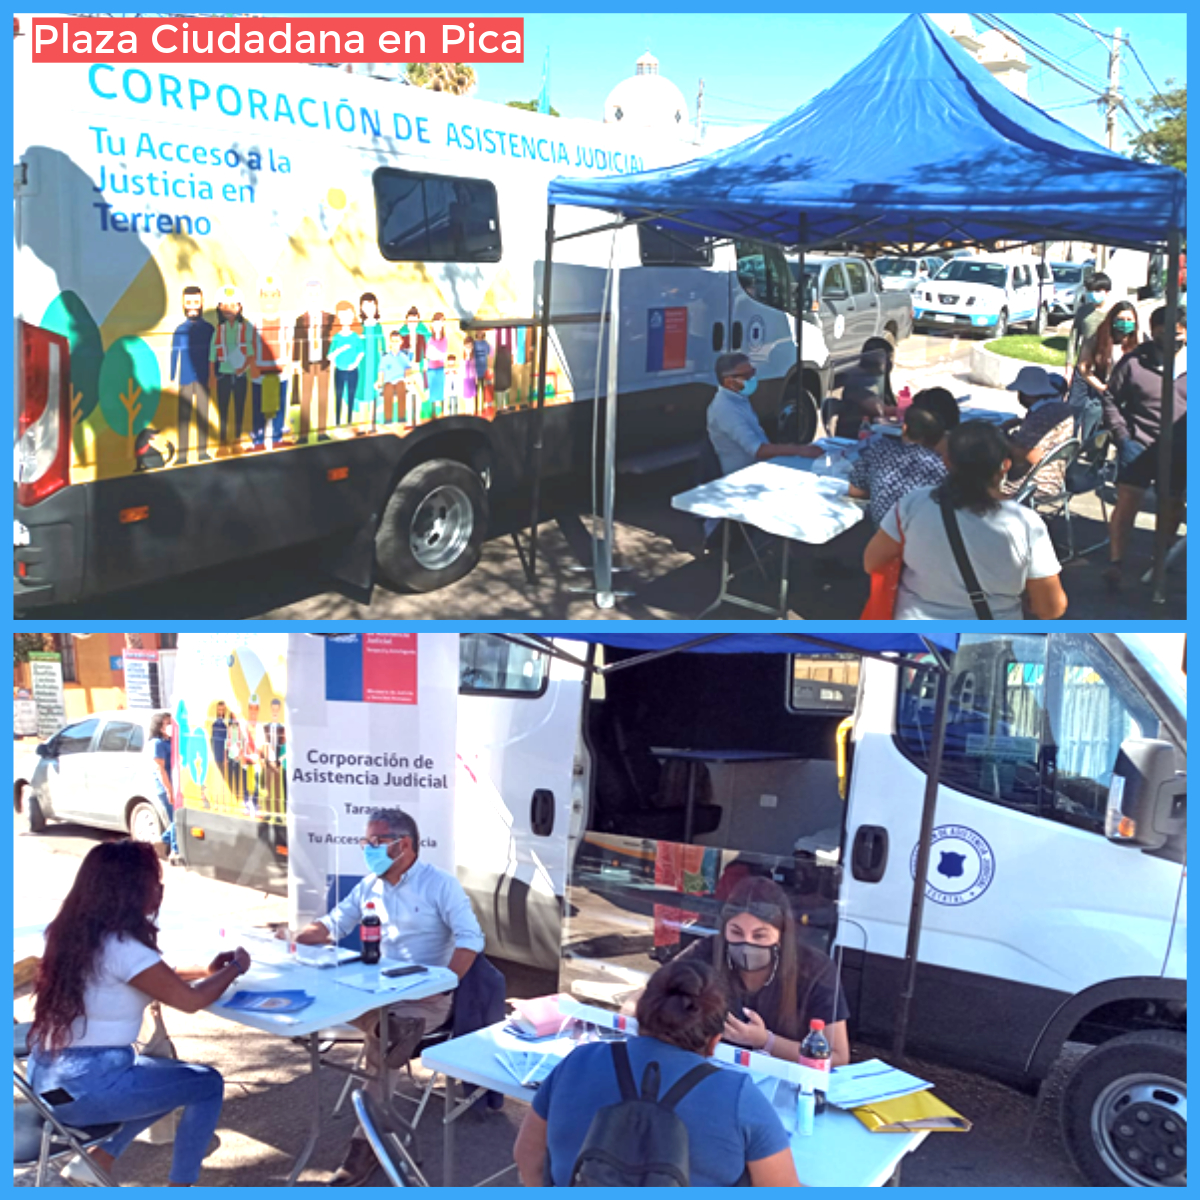 CAJTA Participa en Plaza Ciudadana en Pica